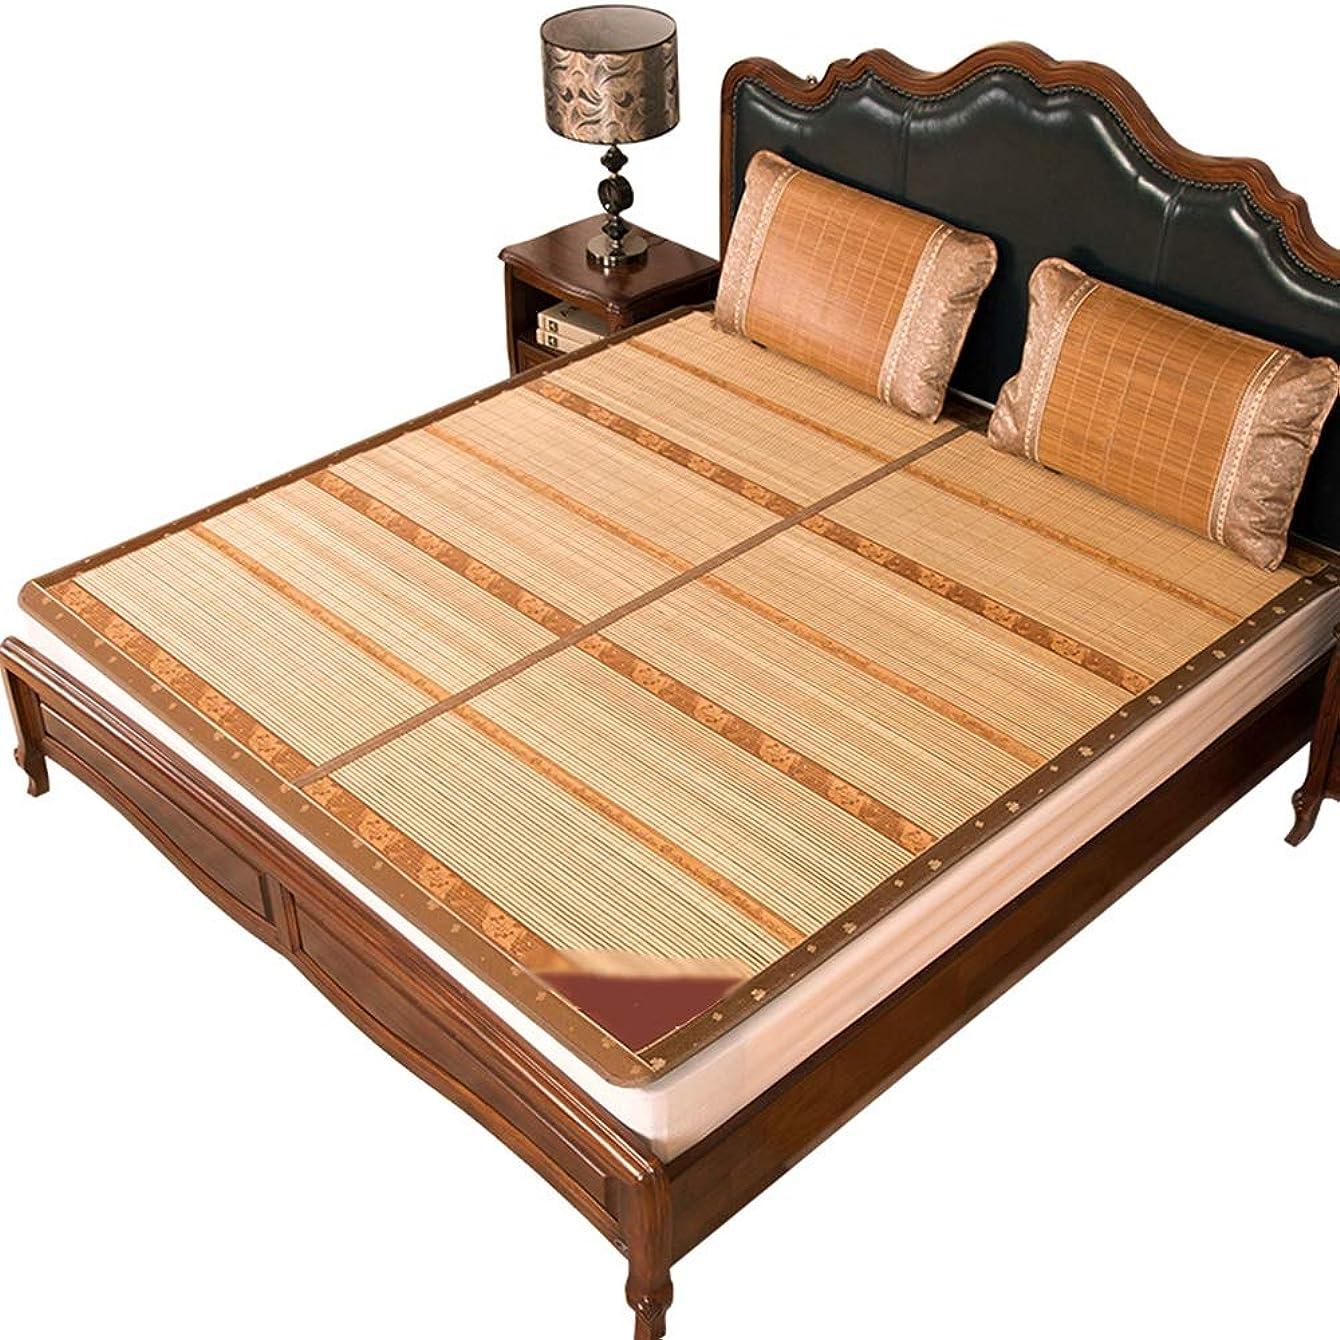 控えめな非常に連鎖夏の眠りマット、炭化竹マット両面アイスシルクシート、冷房、折りたたみ式、シングルダブルシート、健康的で環境に優しい、涼しい 冷感マット (Size : 1.5x1.95m)